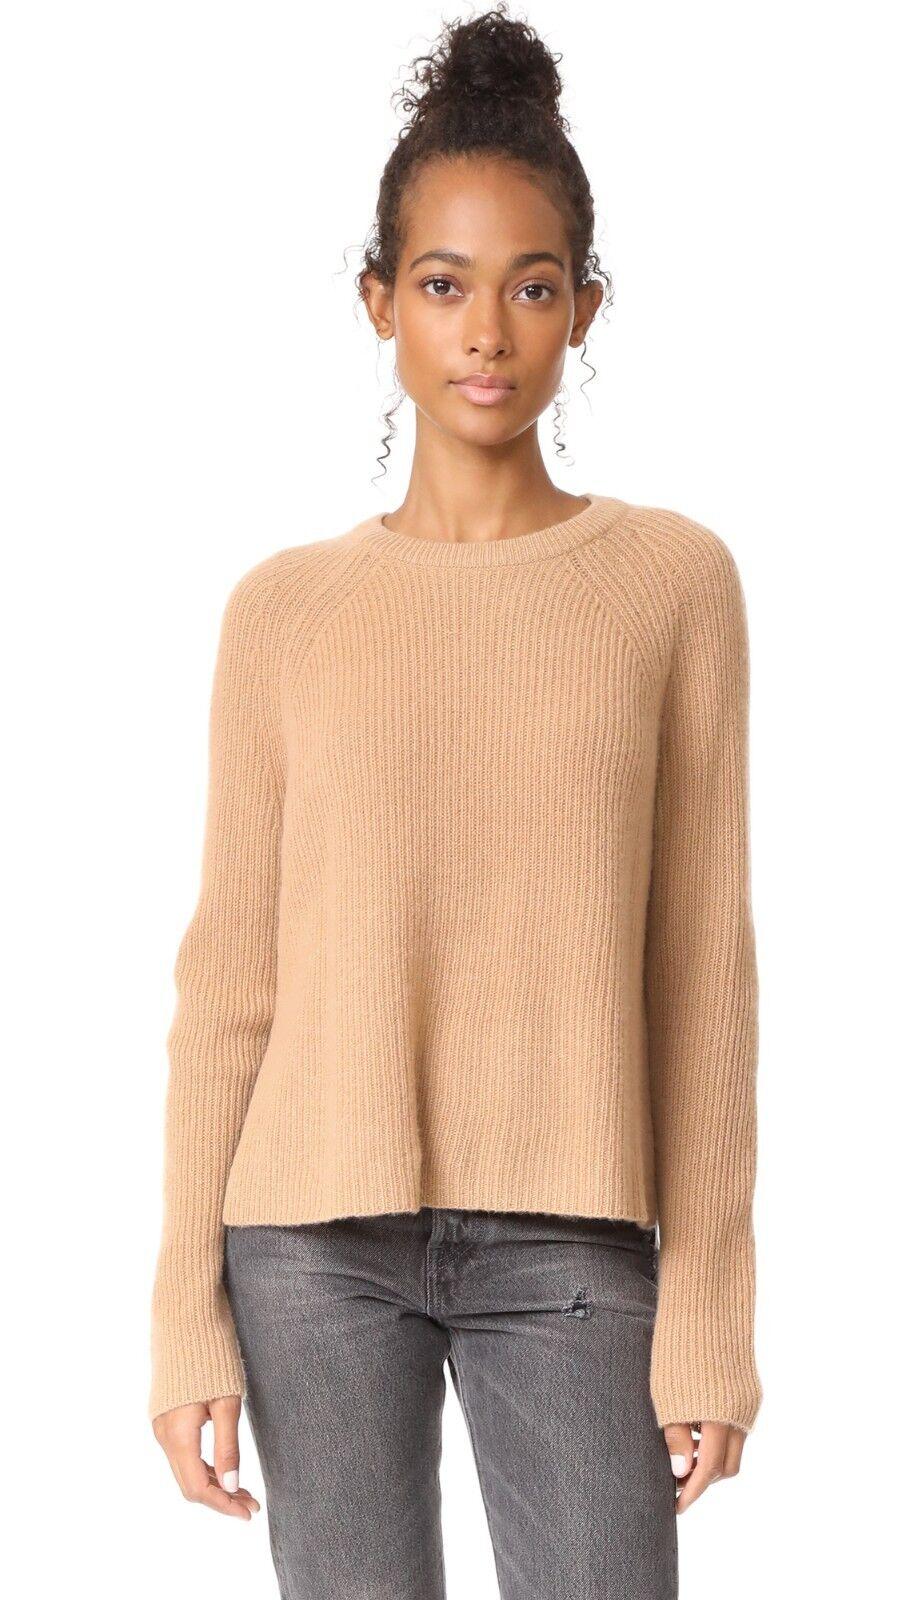 NWT 360 Cashmere Weiß Cashmere Sweater Pecan Größe M  288